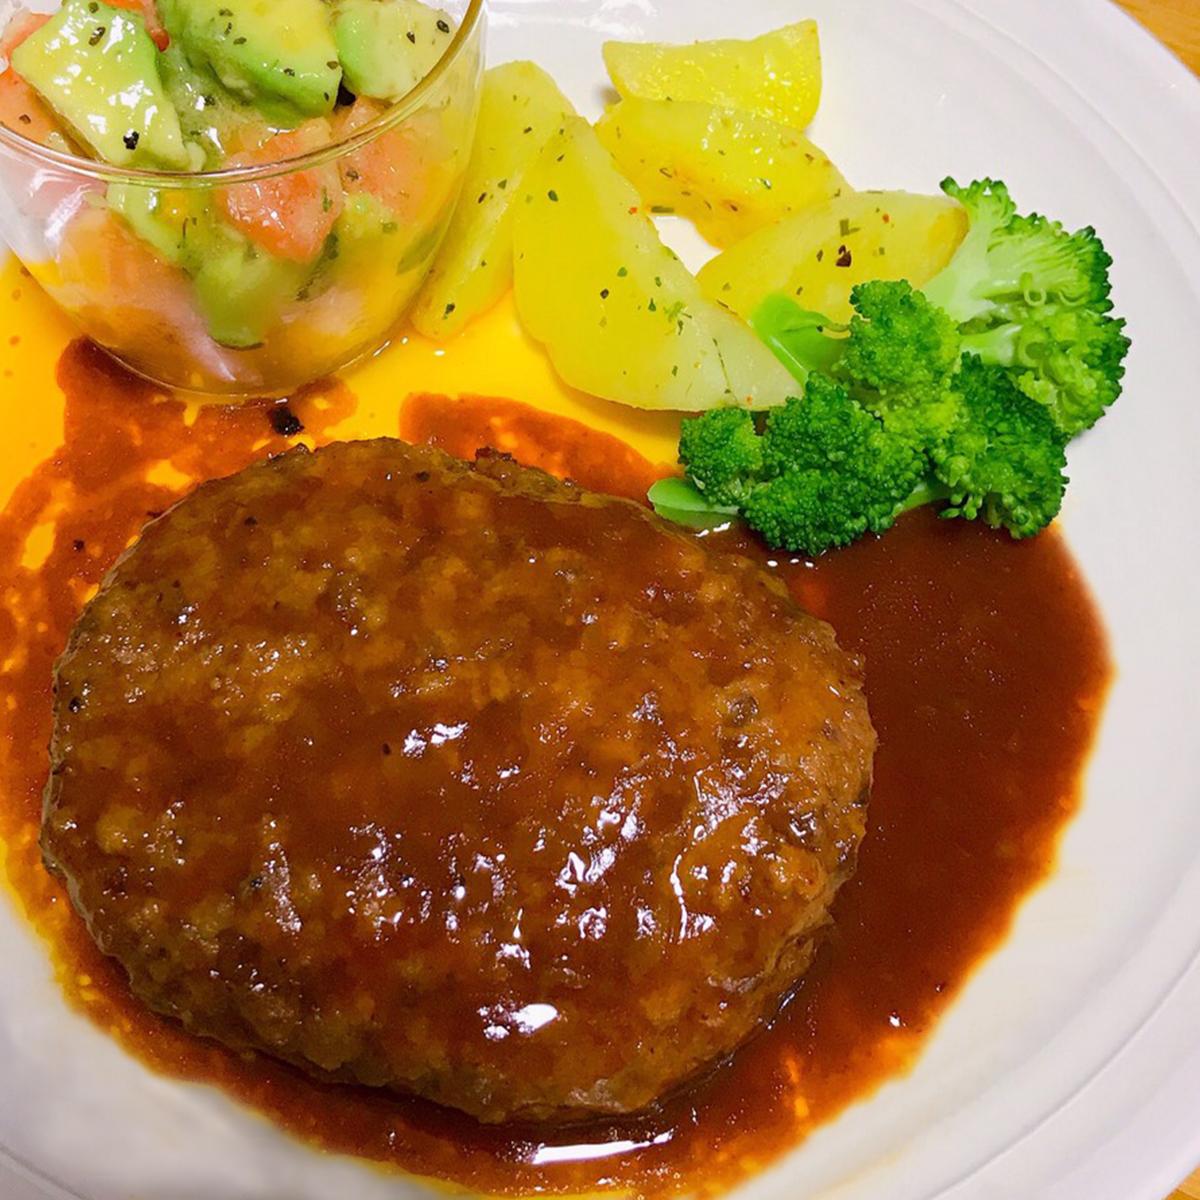 鹿児島黒牛煮込みハンバーグ&ローストビーフセット